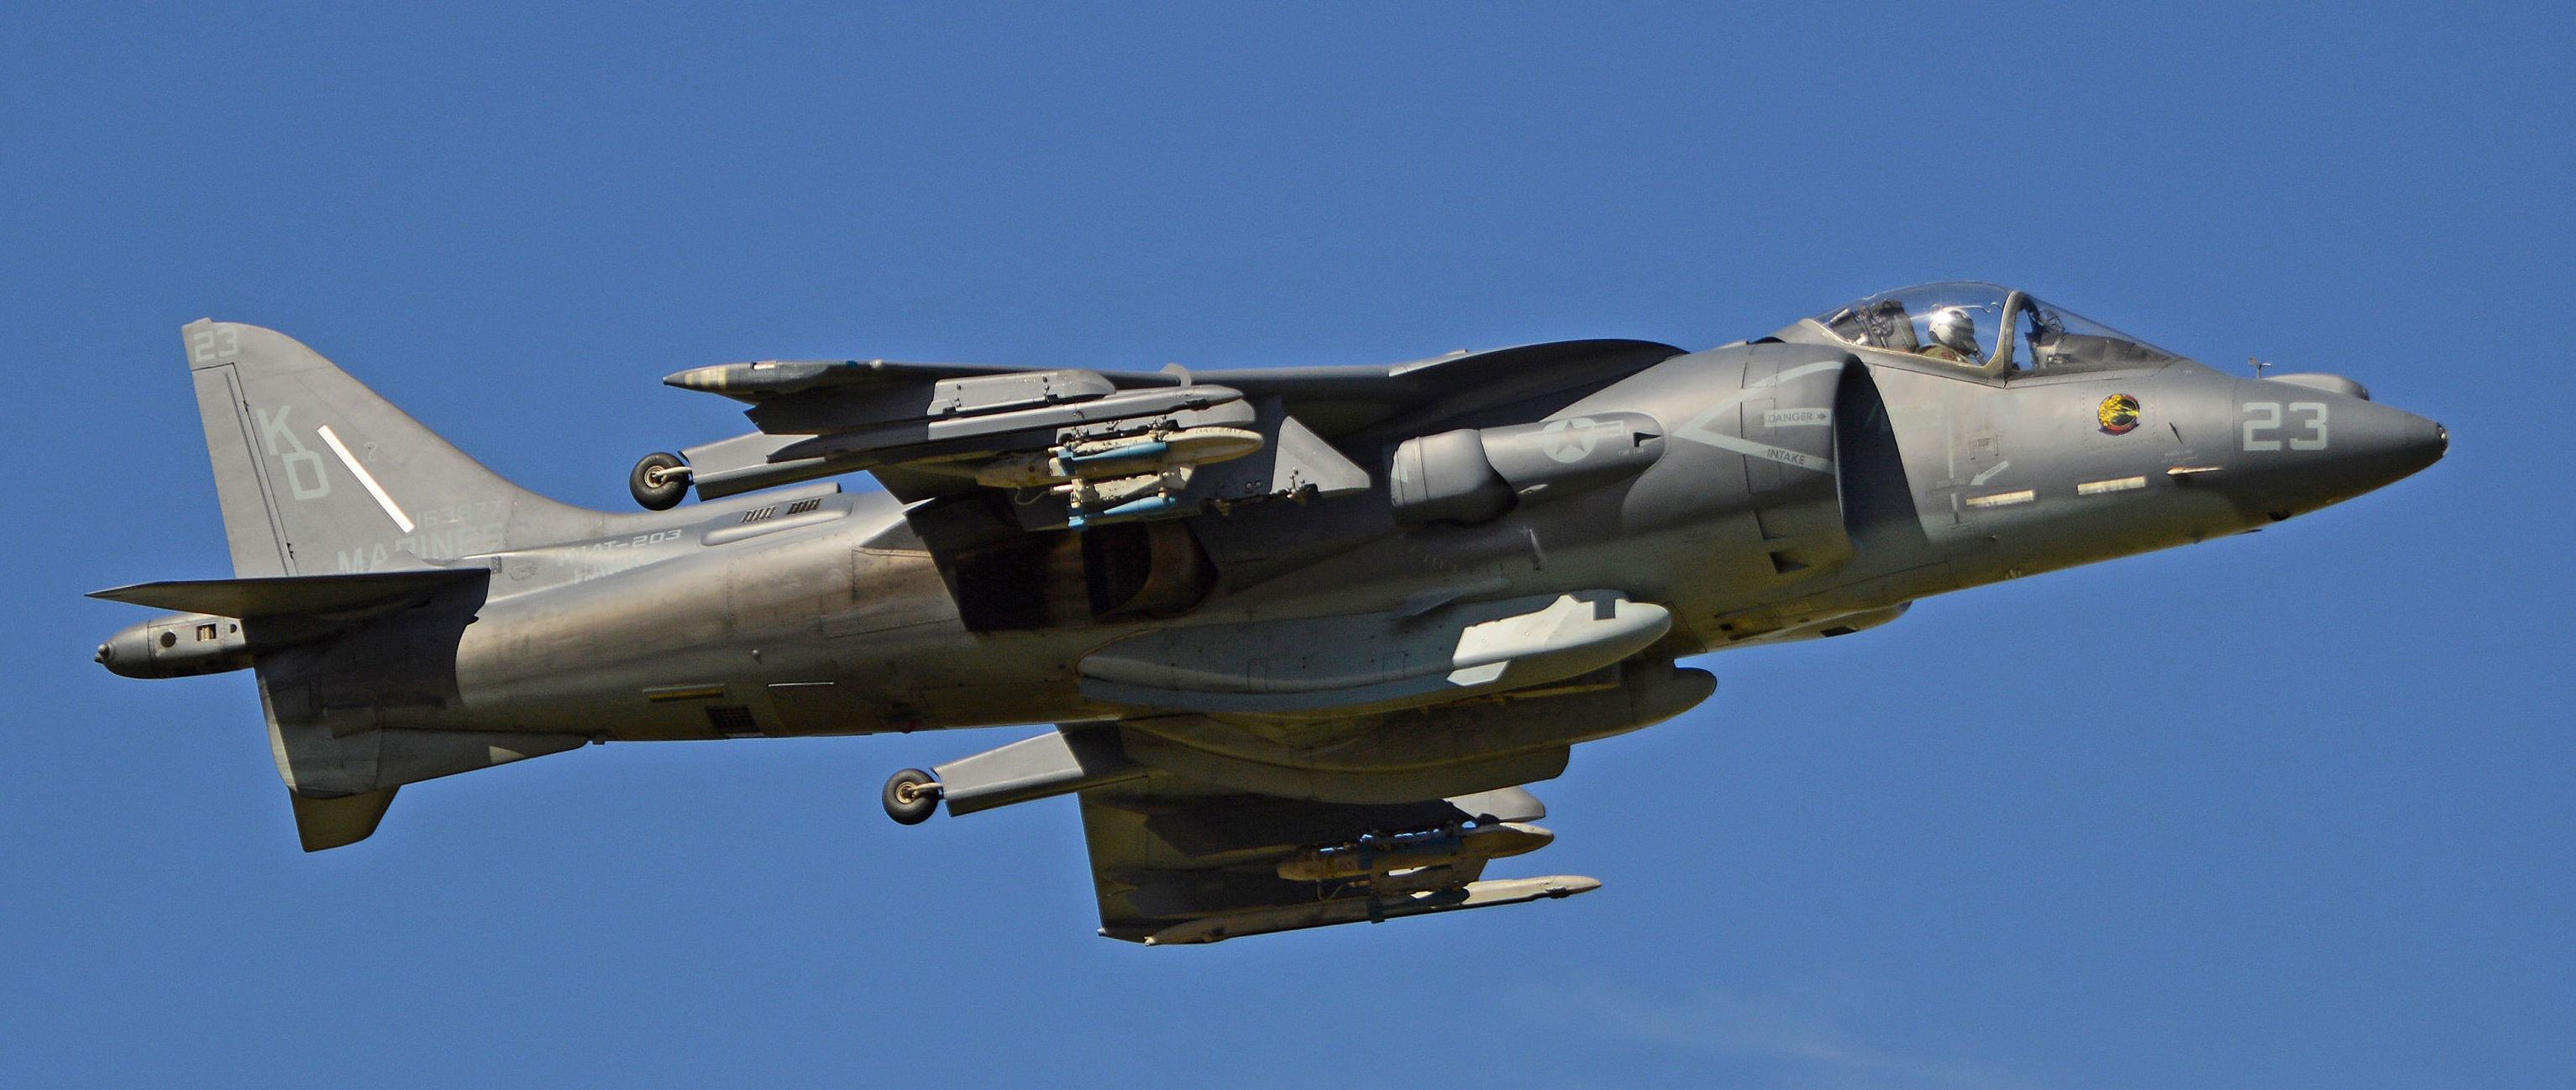 Harrier II é um avião de ataque ao solo de segunda geração com decolagem e pouso vertical em serviço desde 1985